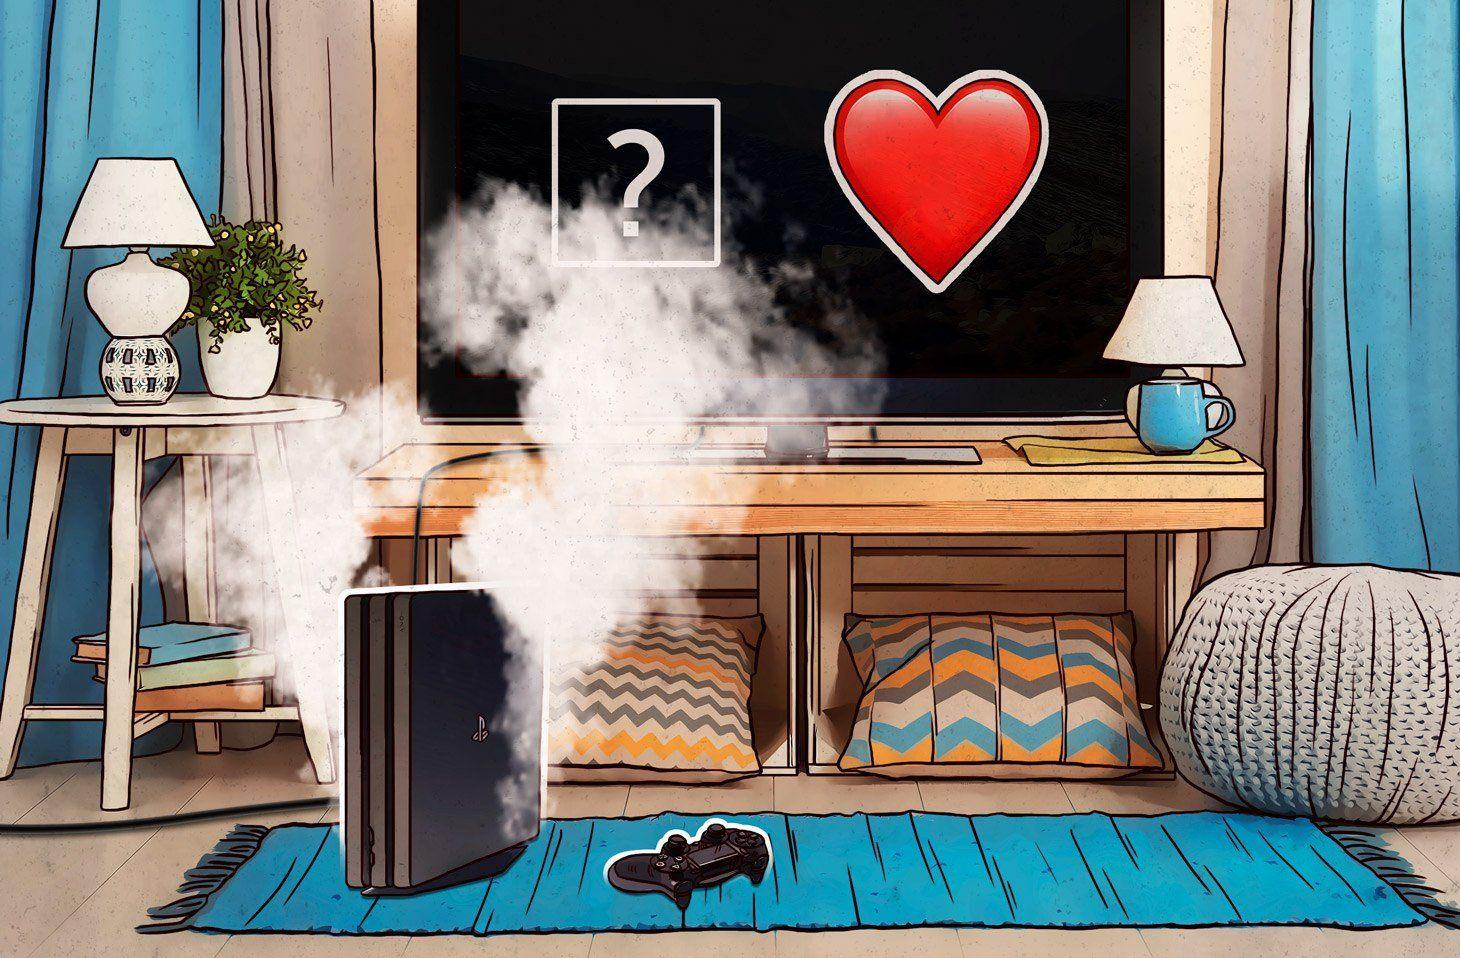 Mensajes maliciosos en Sony PlayStation 4 y cómo afrontarlos